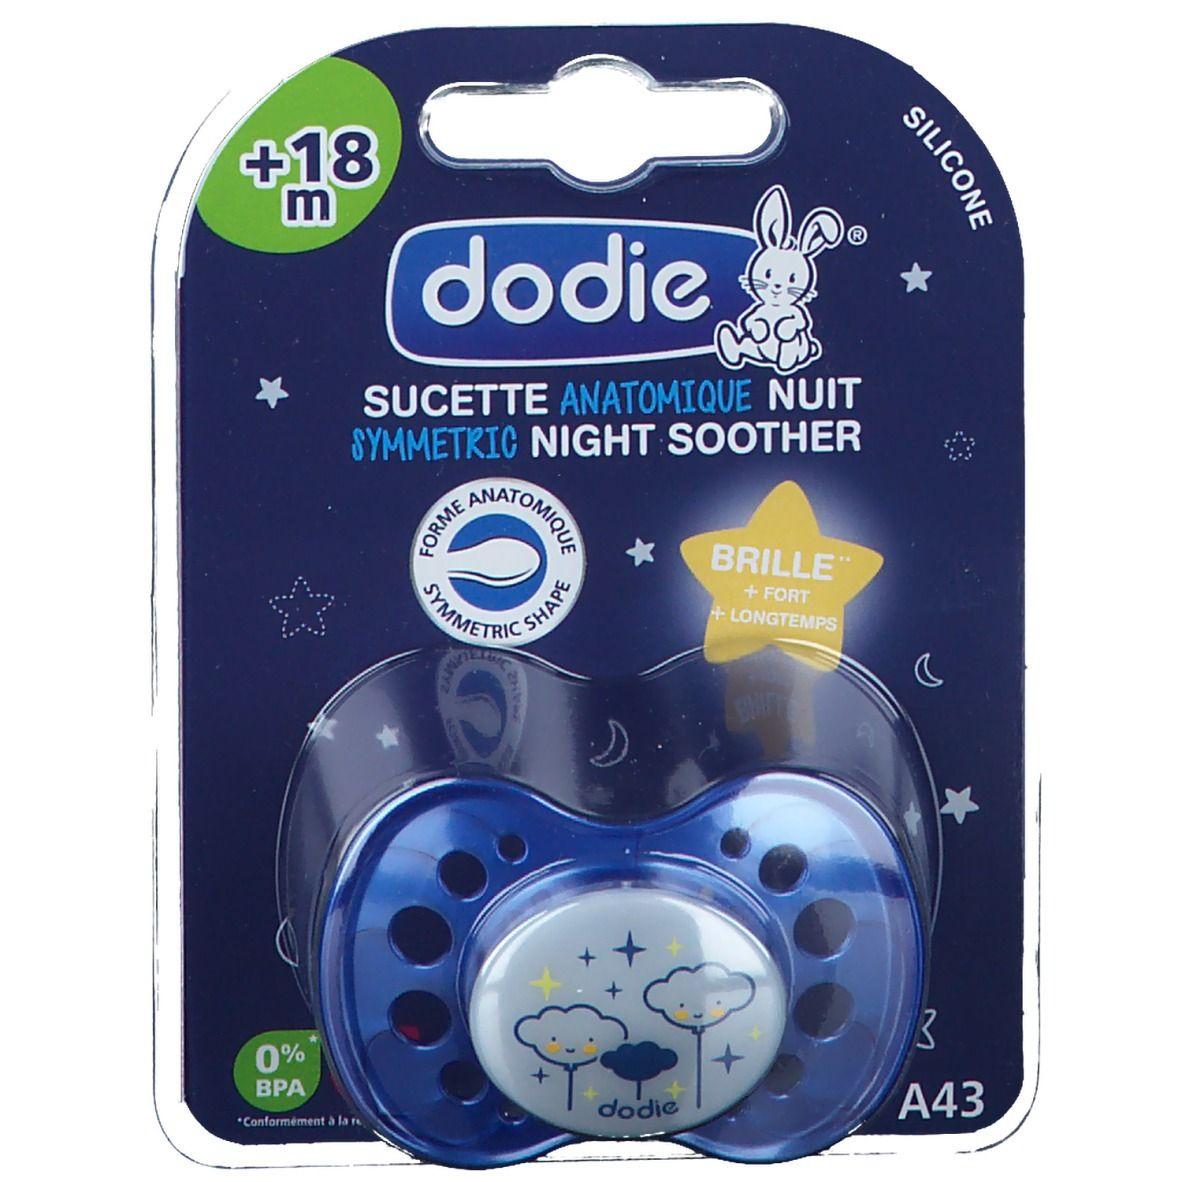 dodie® sucette anatomique silicone nuit +18 mois (Couleur non sélectionnable) pc(s) Sucette(s)